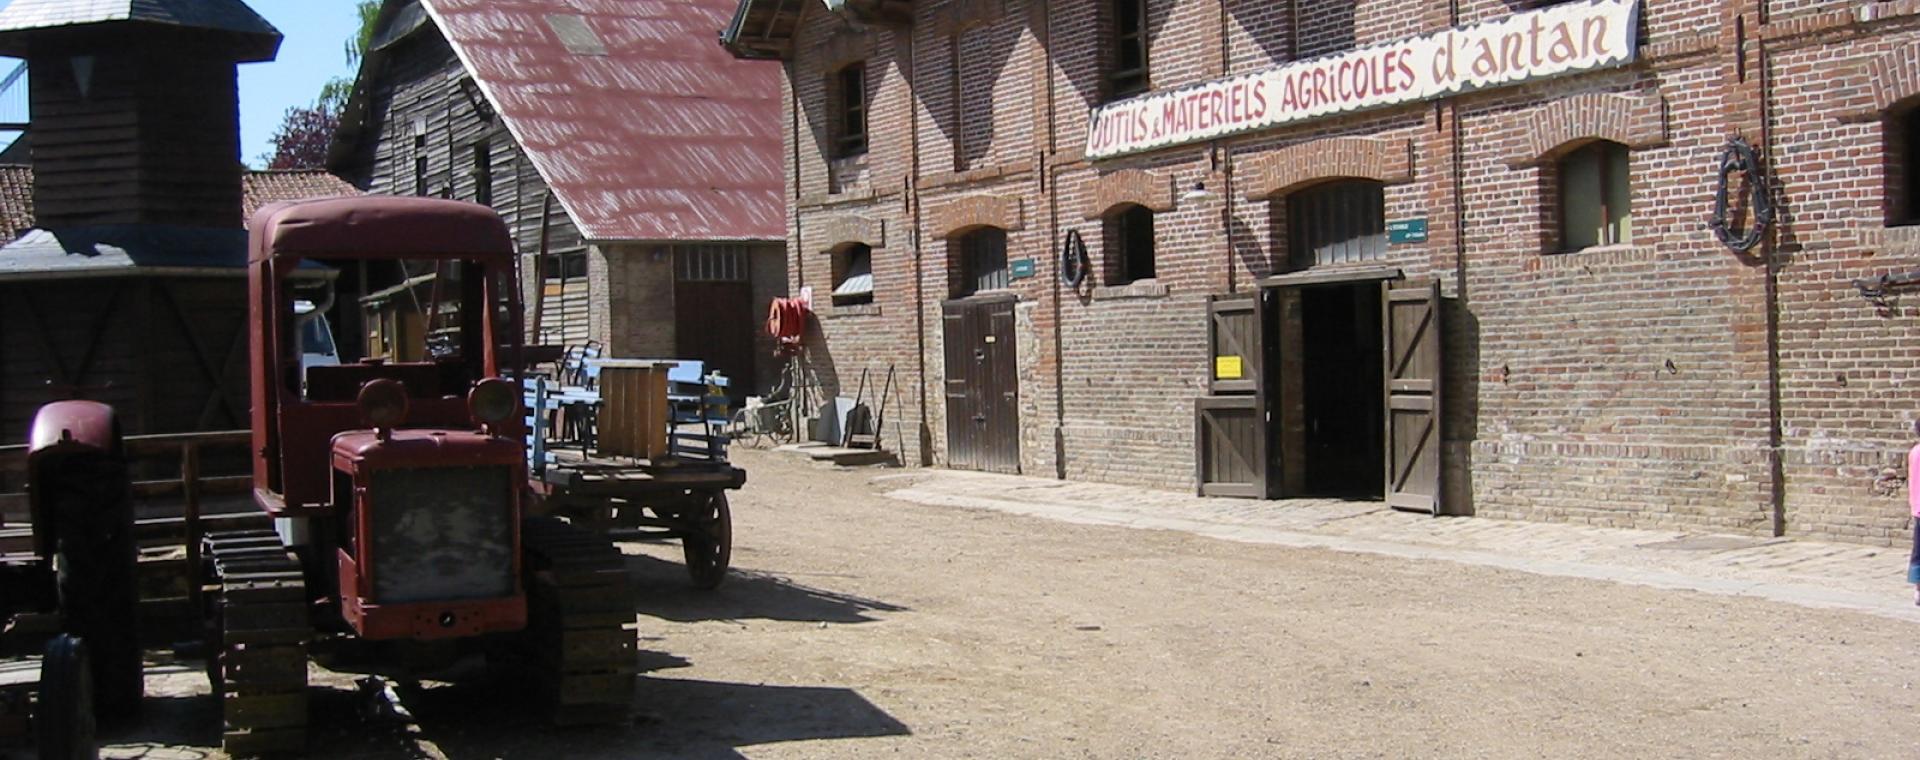 Photo de la cours de la ferme d'antan à Creuse avec un tracteur stationné sur le bas côté.